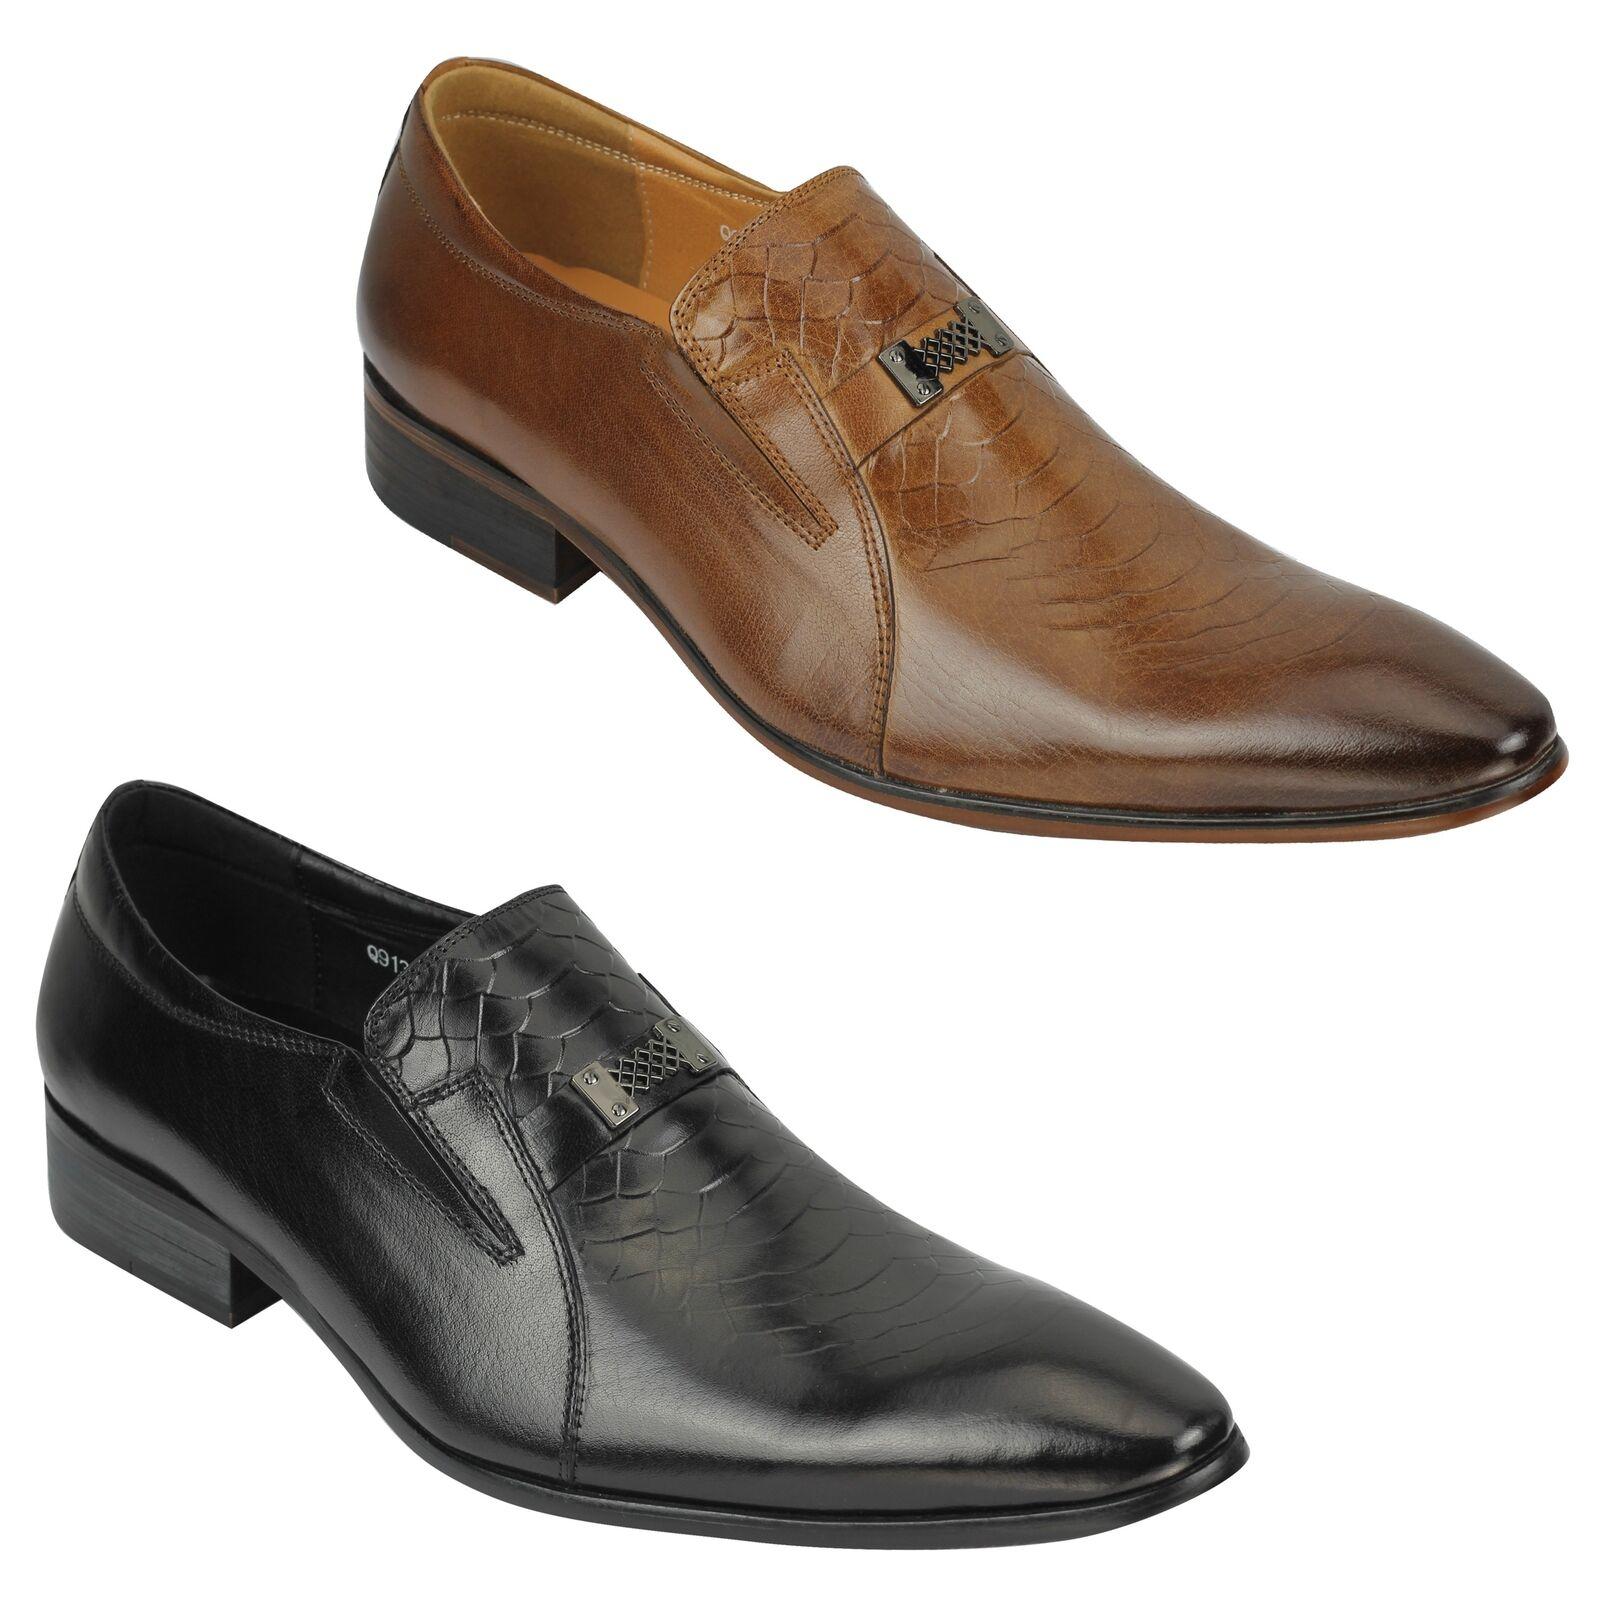 Hombre Cuero Real Piel De Serpiente Impresión Vintage Vintage Impresión Smart Casual Mocasines zapatos Bronceado, Negro 4290b6